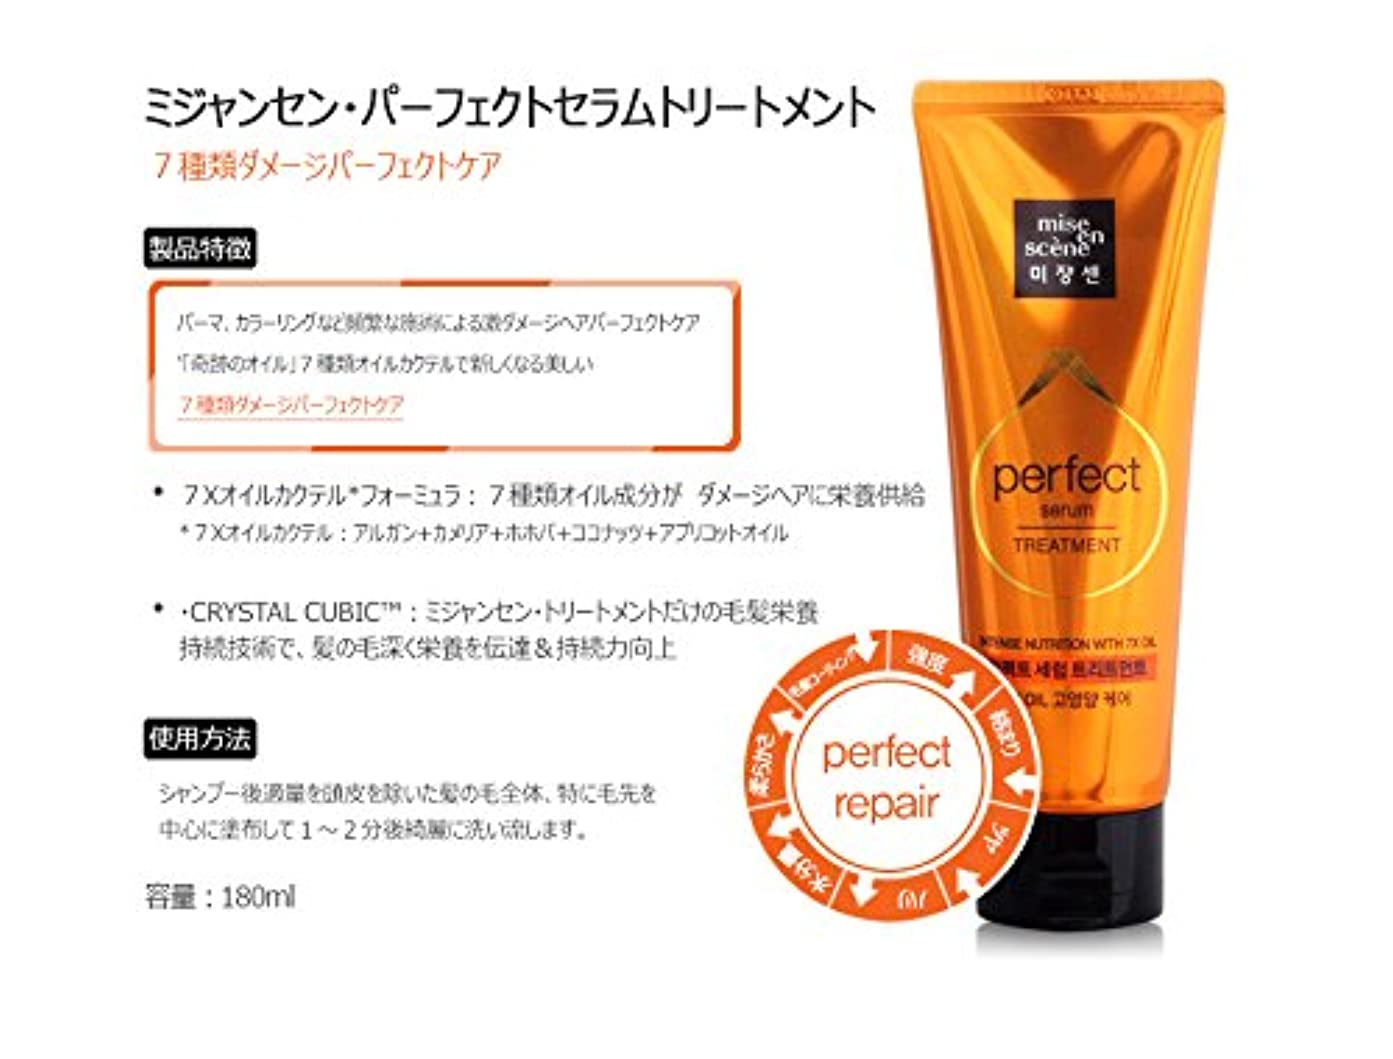 おもちゃオーバーコート愚かな[miseenscene]perfect serum treatment 180ml